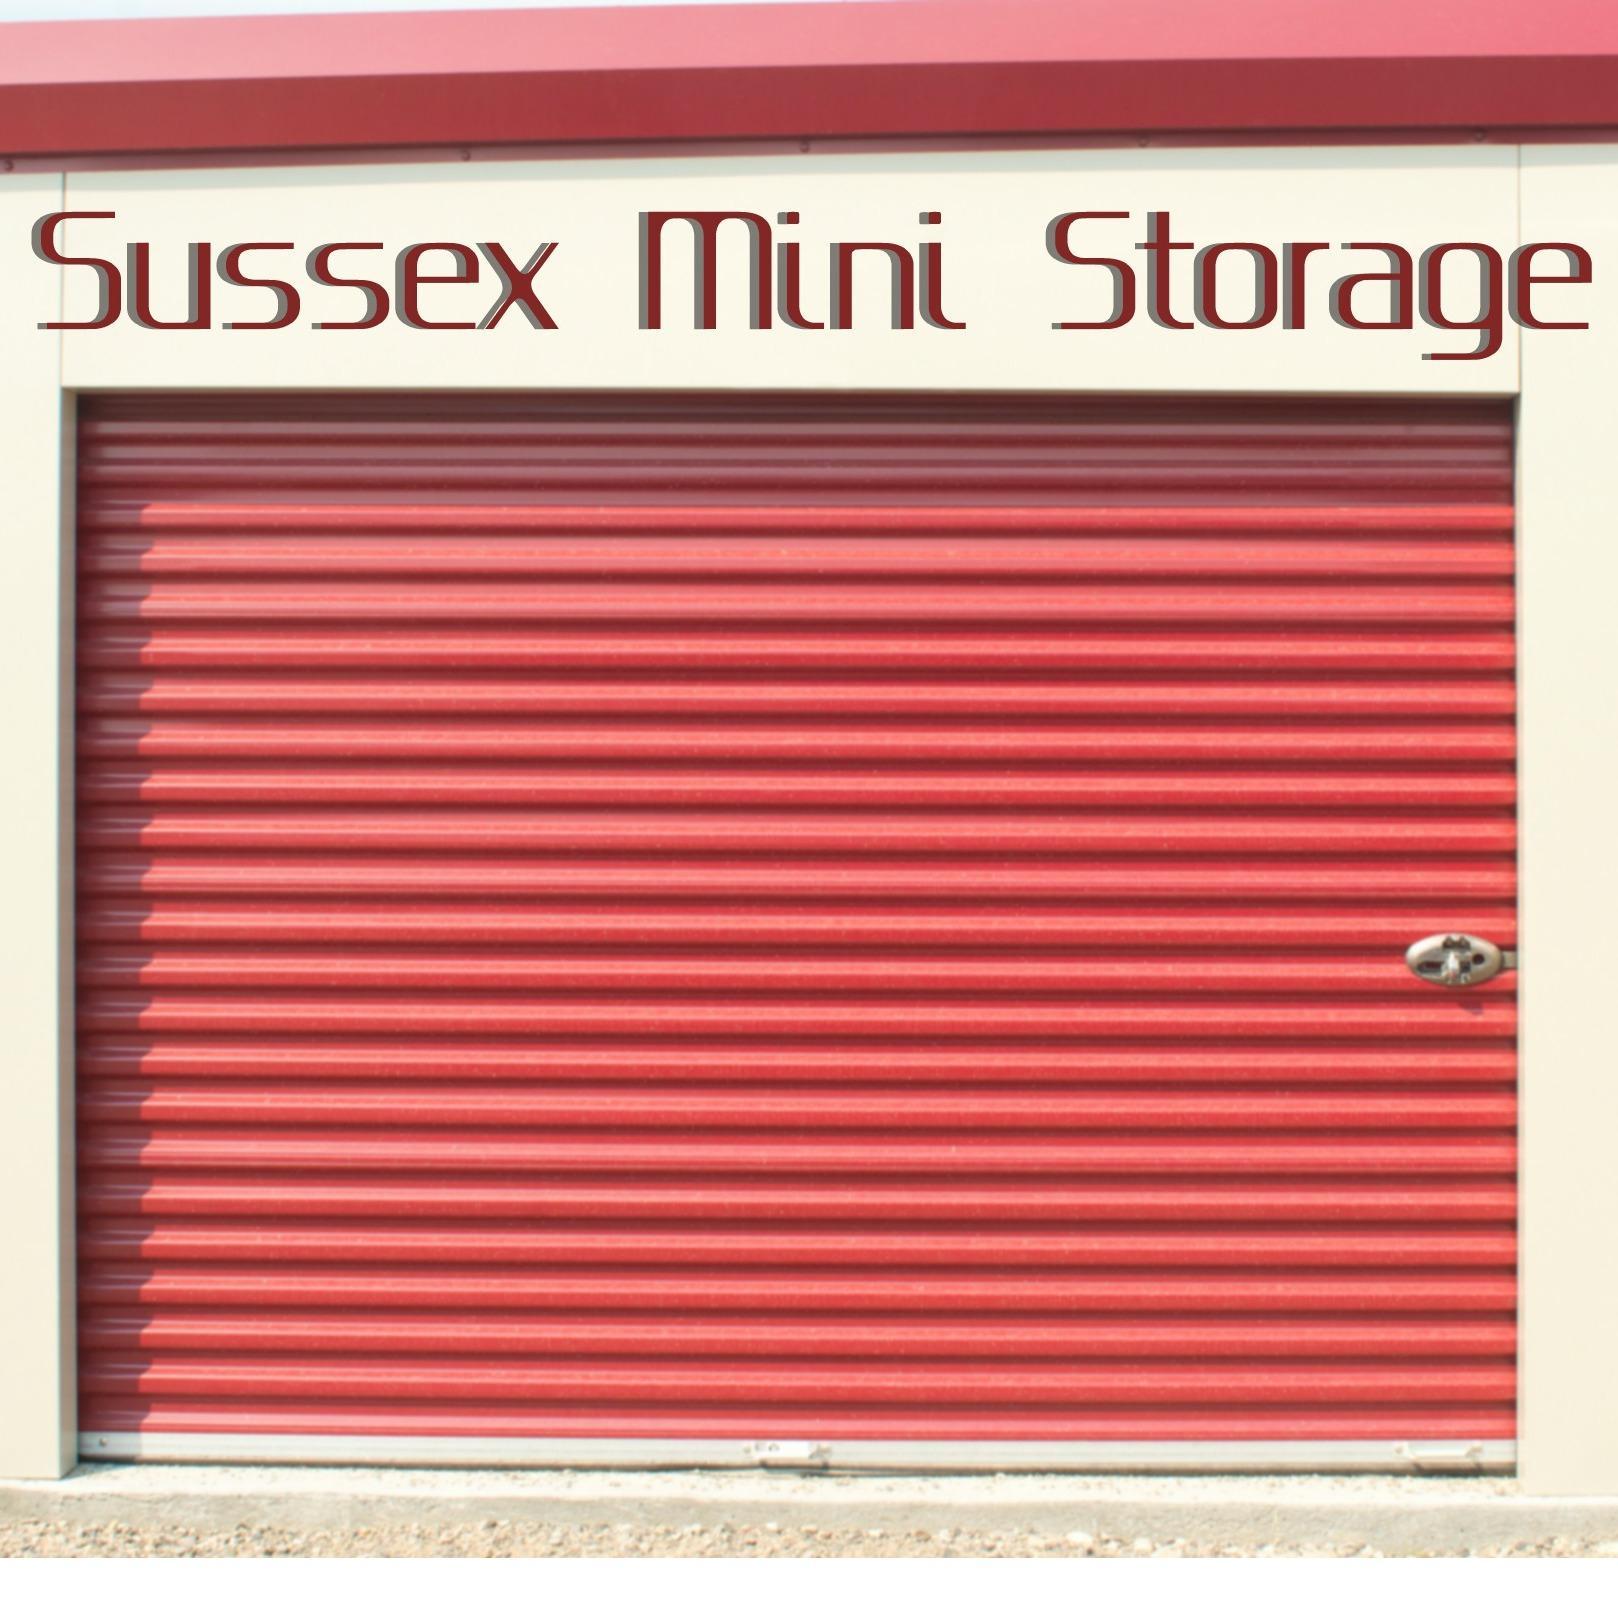 Sussex Mini Storage